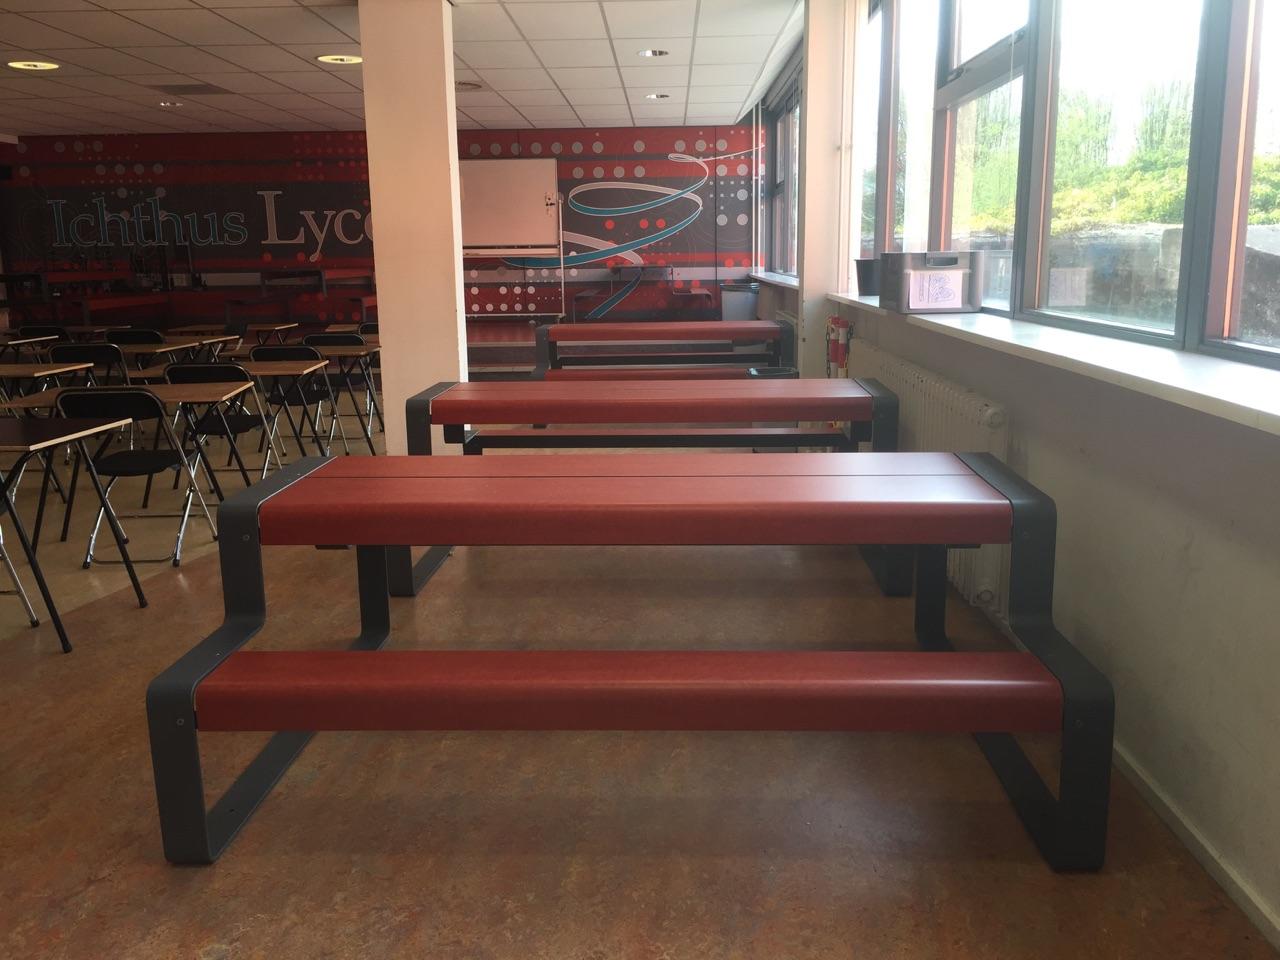 Outline picknicktafel ook geschikt voor binnen op scholen